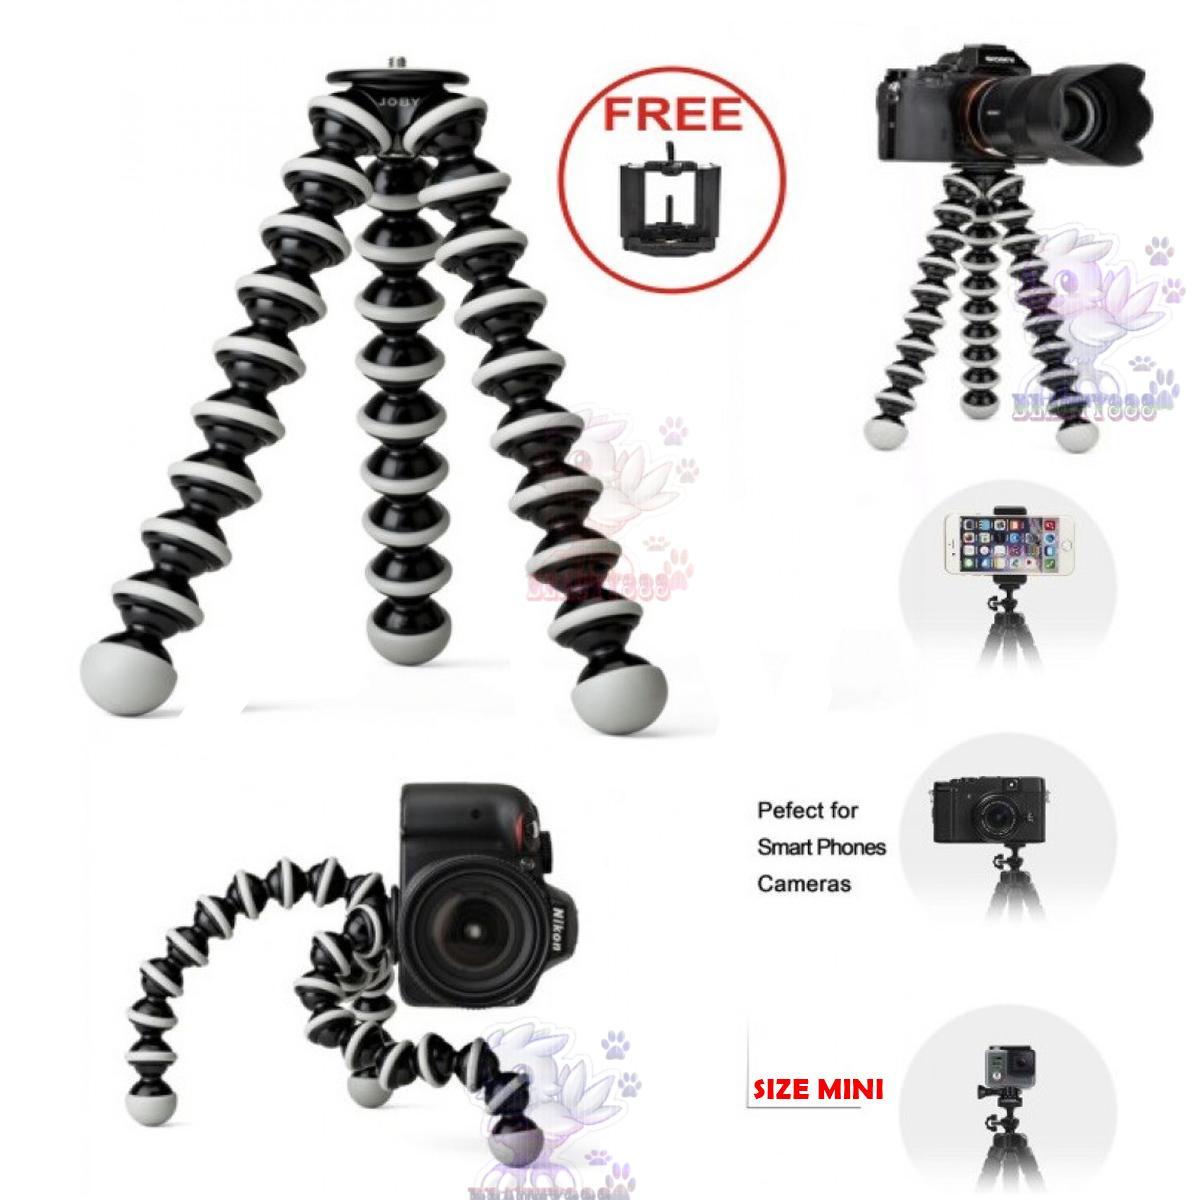 Tripod Gorila Gorillapod Gorilla Flexible For Camera & Smartphone With HOLDER U / Universal Tripod Mini